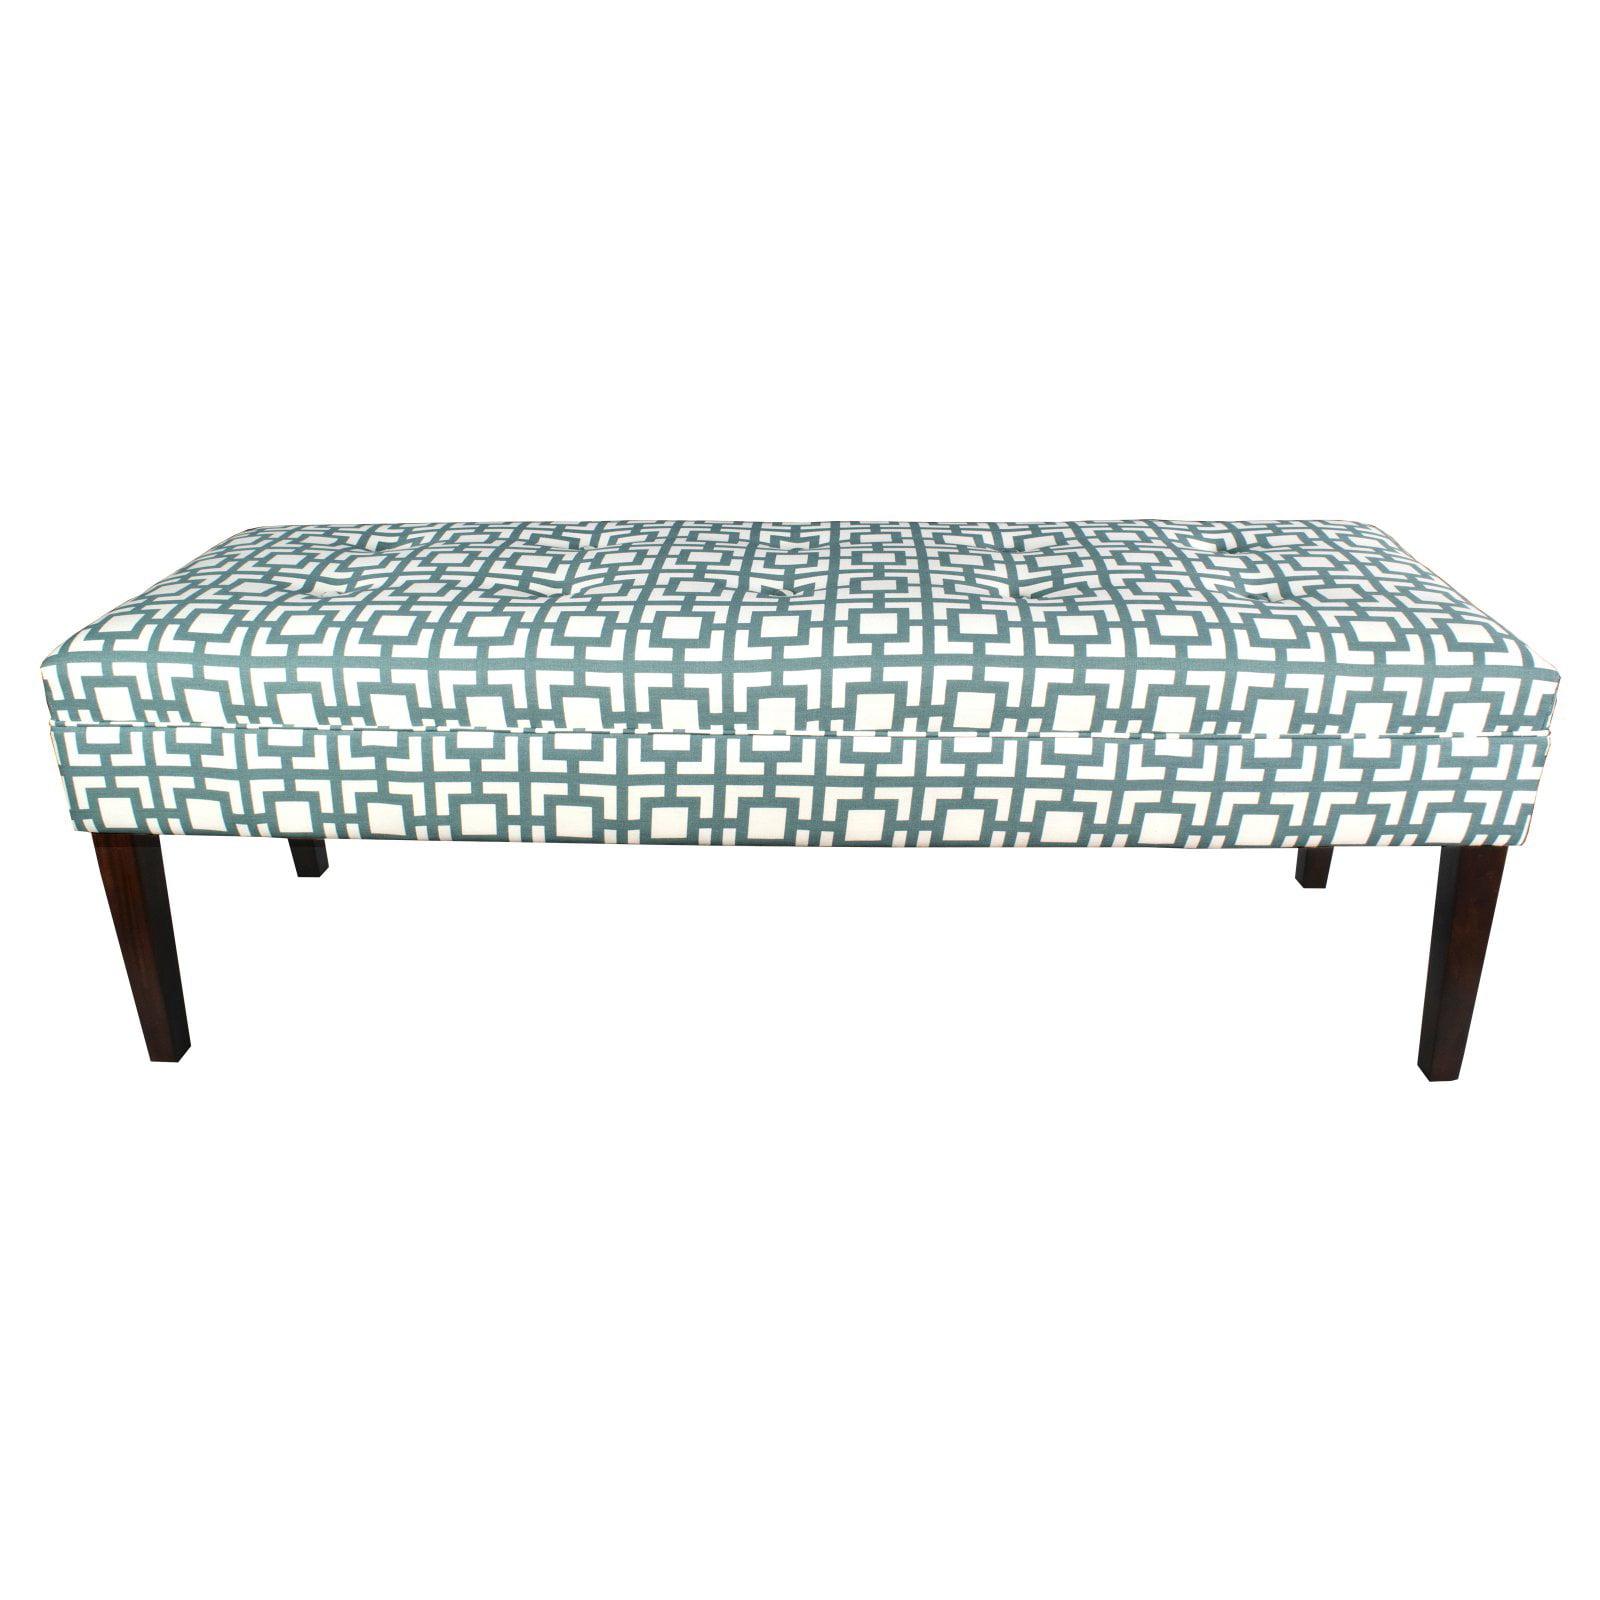 MJL Designs Kaya Rectangle Bench